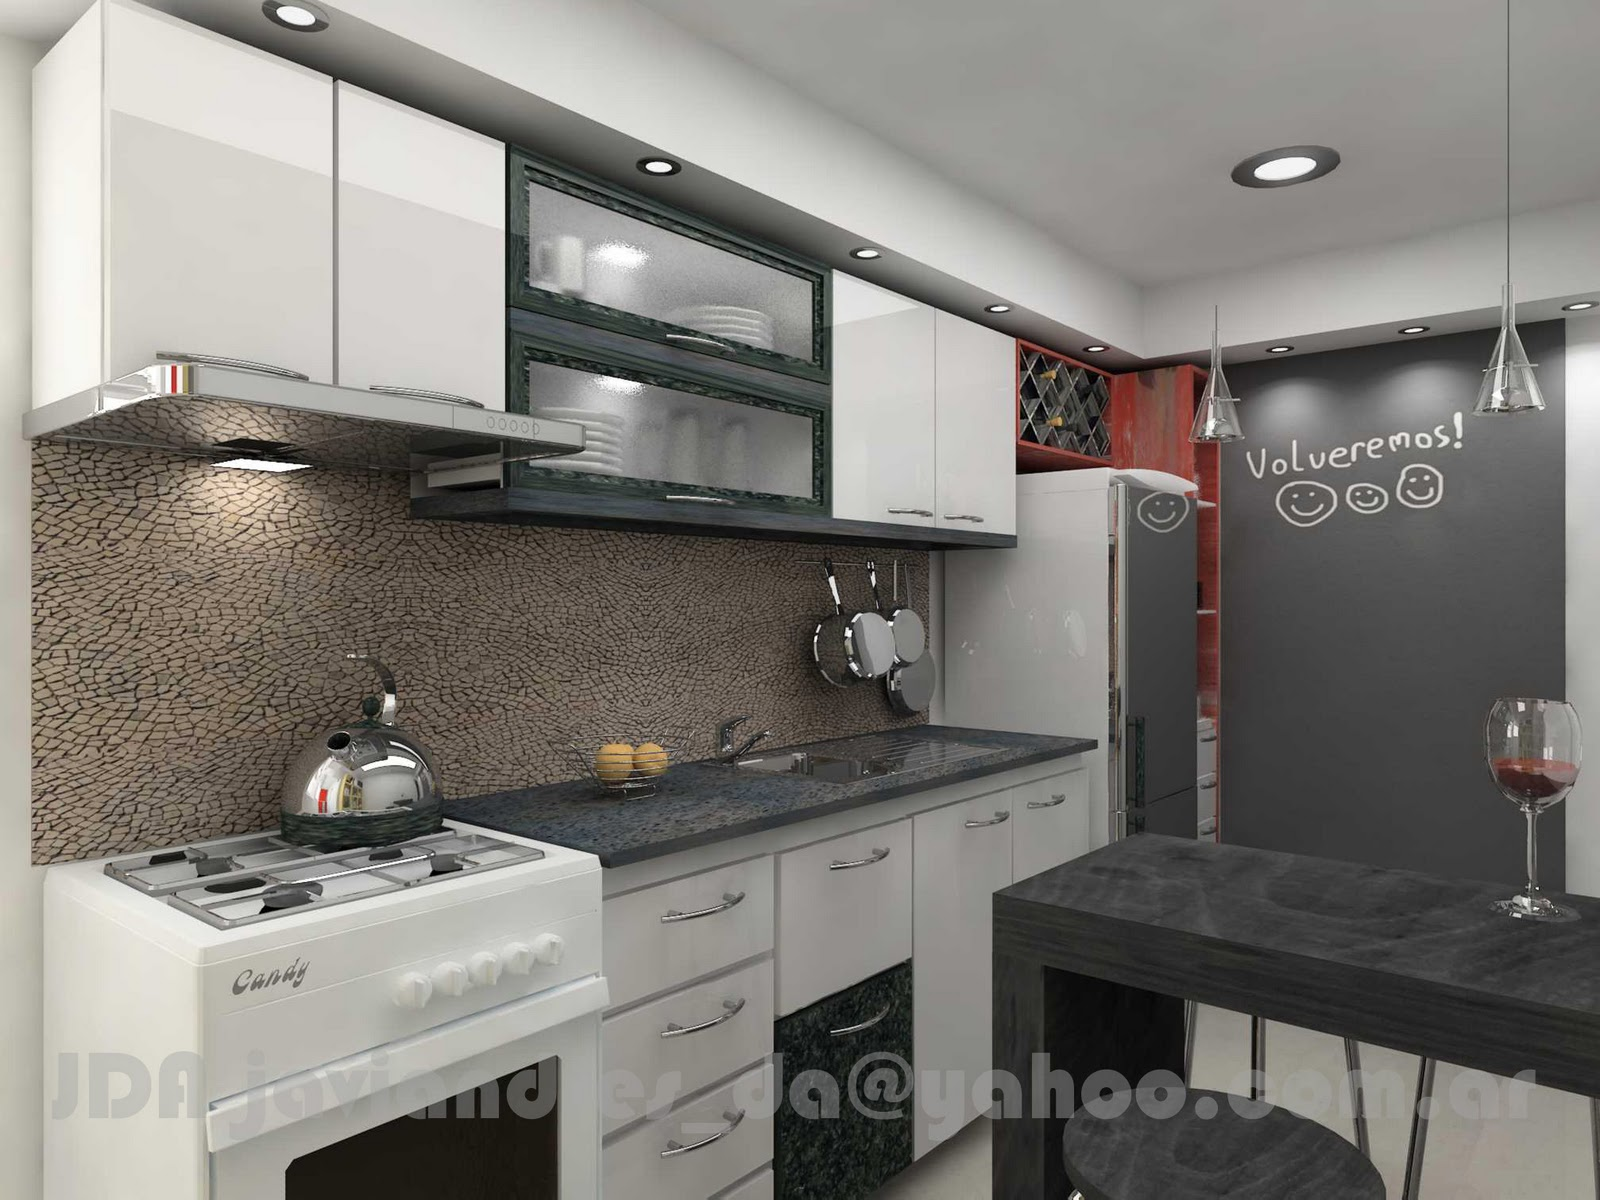 arquitec-maquetas: Remodelación de Cocina: Diseño 3d